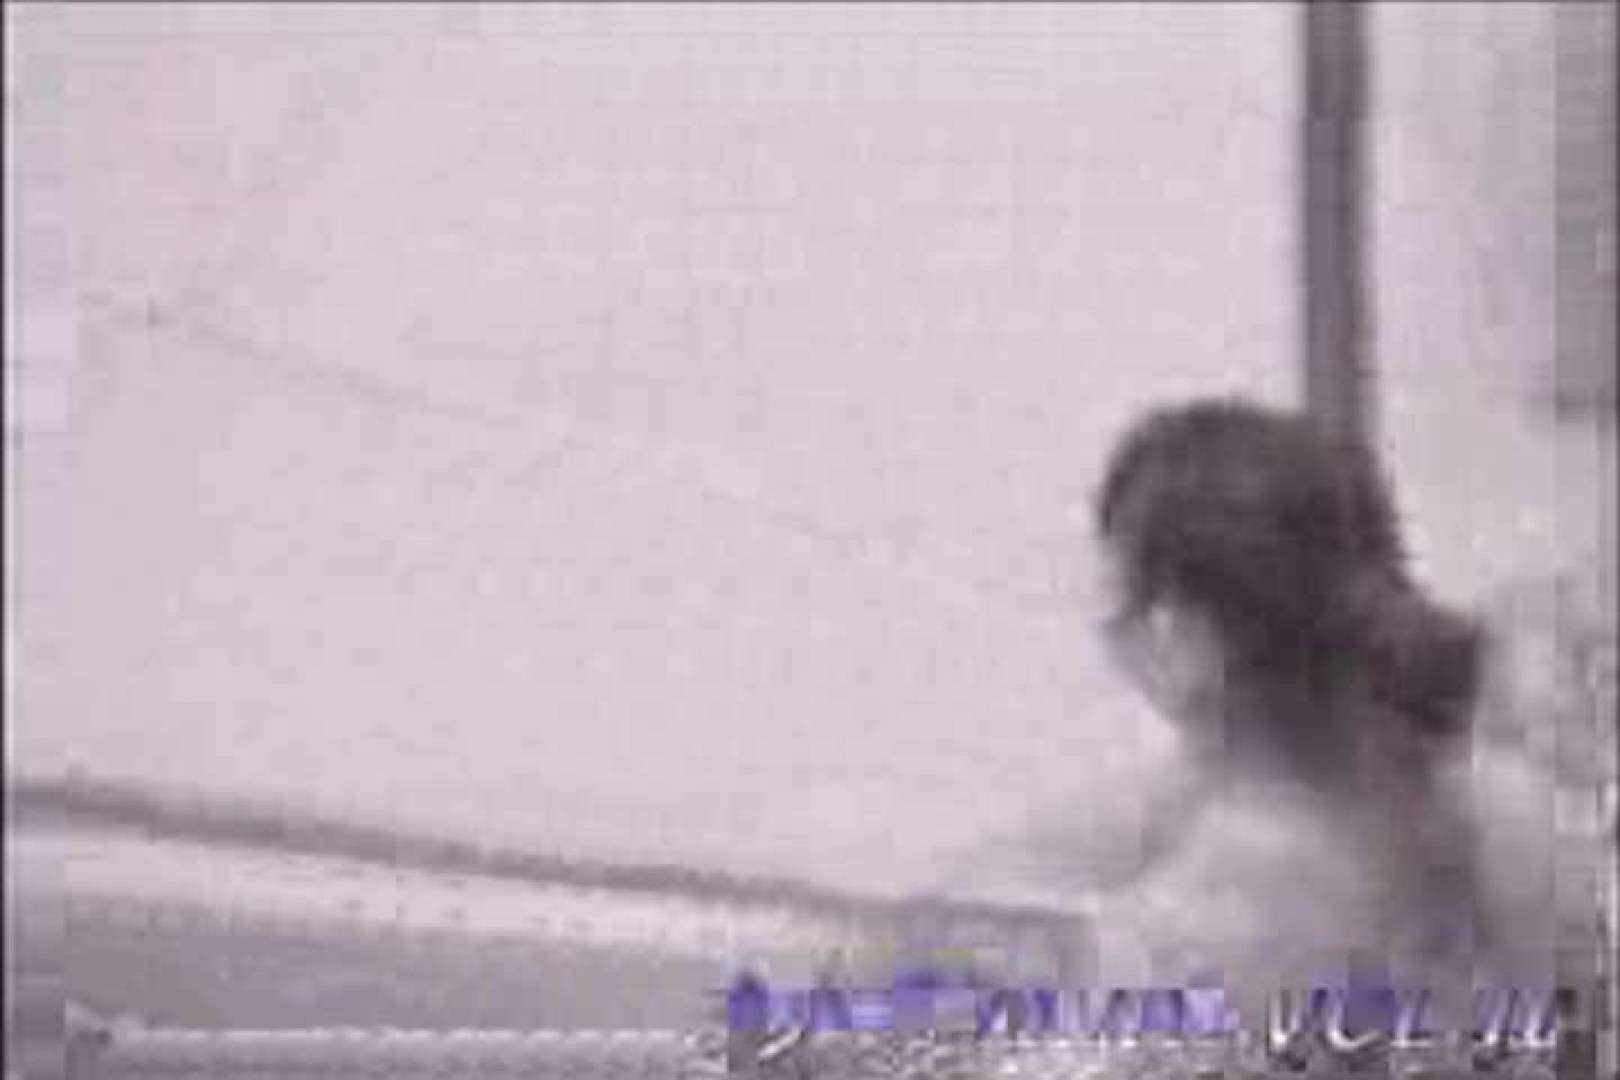 セックスアダルト動画|まめぞうDVD完全版VOL.16|怪盗ジョーカー